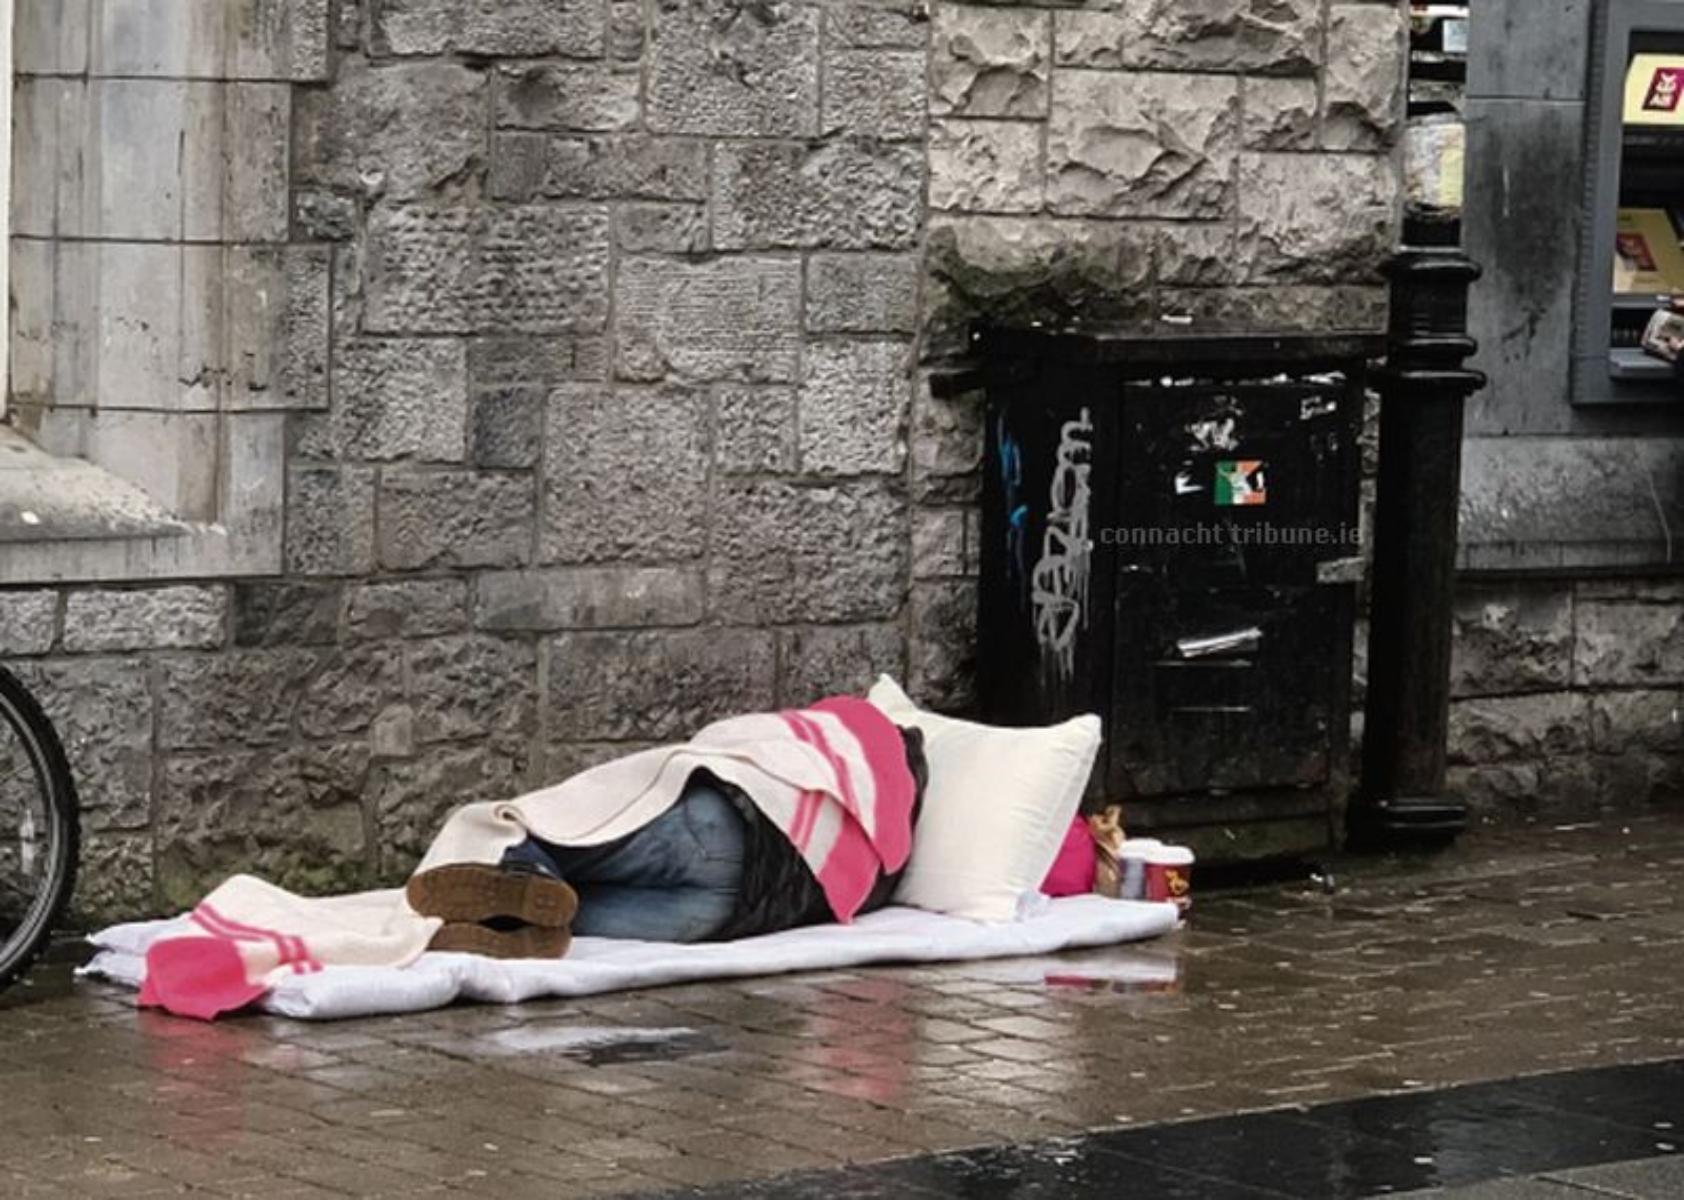 Βρετανία άστεγοι: 16 θάνατοι αστέγων συνδέονται με τον covid-19